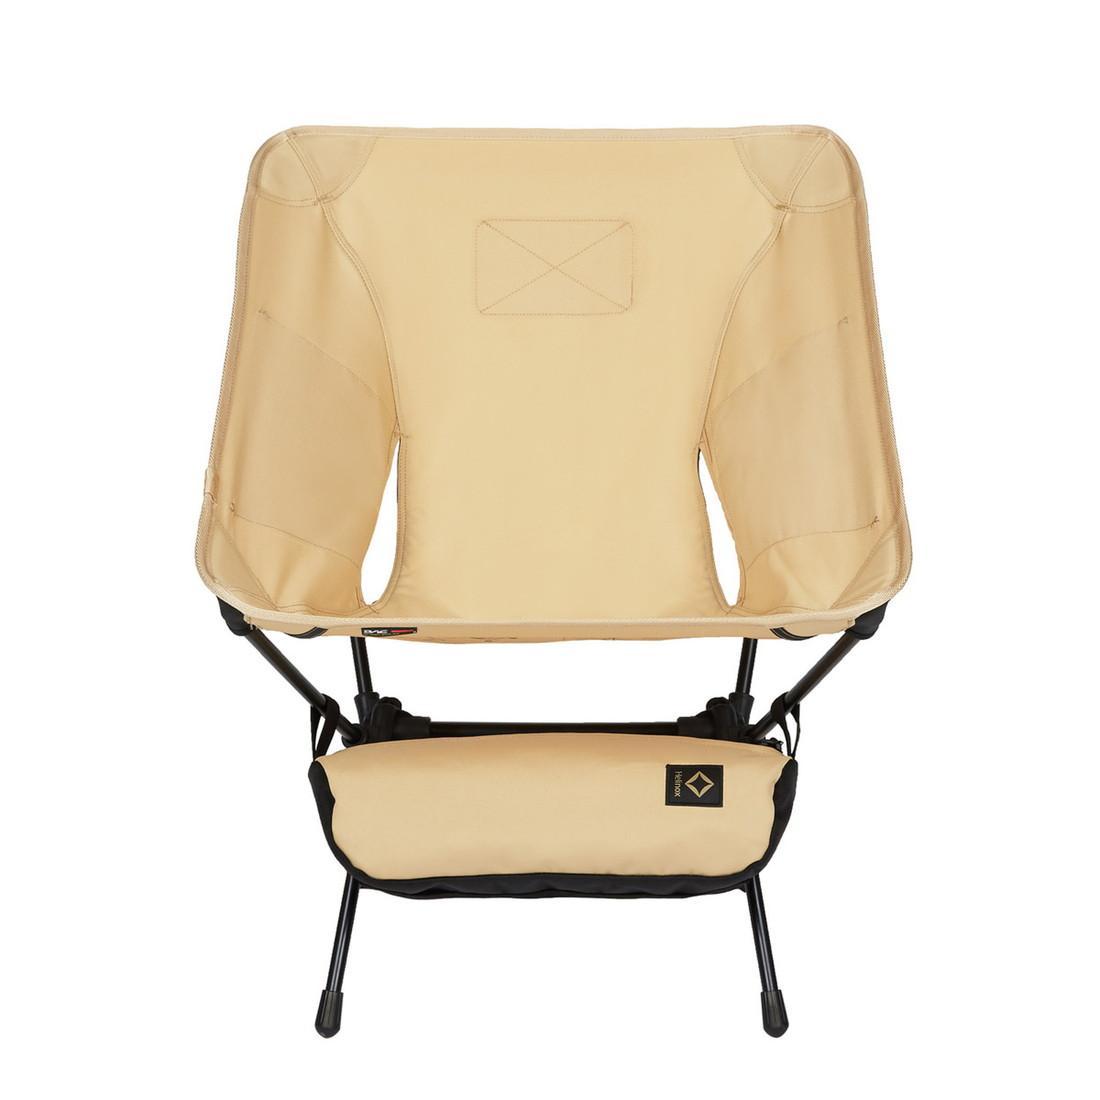 ヘリノックス タクティカルチェア 2020 折りたたみ椅子チェアー  国内正規品